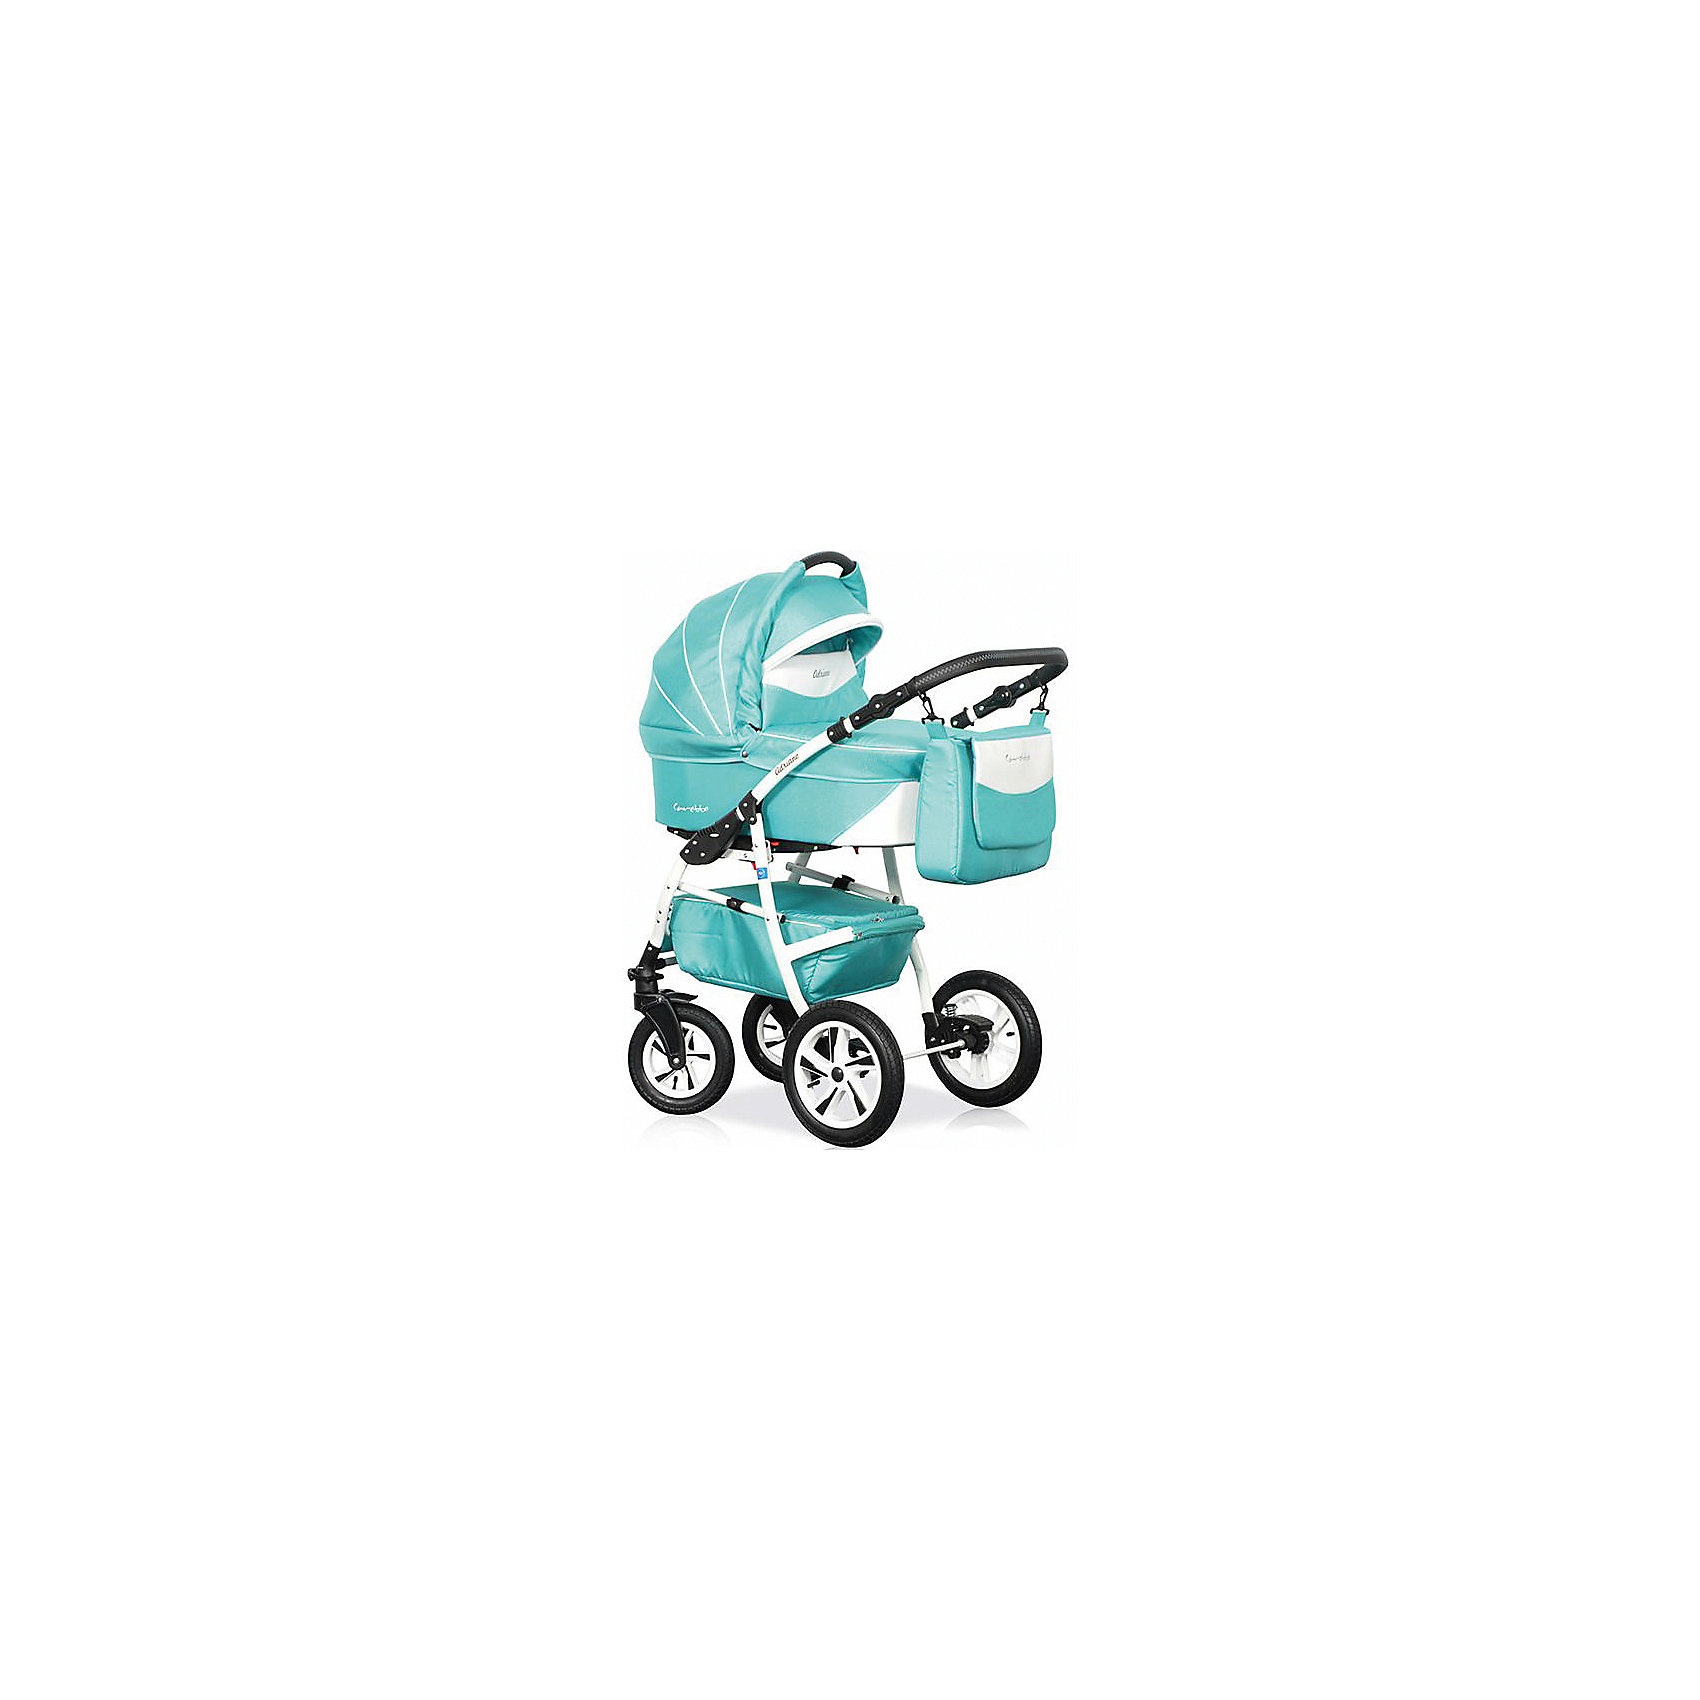 Коляска 2 в 1 Adriano, Caretto, бирюзовыйКоляска 2 в 1 Adriano, Caretto (Каретто), бронзовый – эта новая, многофункциональная модель детской коляски, предназначенная для детей с рождения и до 3-х лет. Все элементы и детали коляски изготовлены из экологически безопасных материалов. Защита вашего малыша от травм и падений будет обеспечена самыми современными ремнями безопасности. Люлька отличается большим коробом, поэтому даже крупному малышу в ней будет удобно и комфортно.<br>Коляска Caretto Adriano 2 в 1 универсальна в своем использовании: внутренняя обивка выполнена из тонкого хлопкового полотна, что позволяет создавать и поддерживать комфортную температуру в любое время года: зимой она защитит малыша от ветра и снега, летом ? от жары, солнца или дождя. Все текстильные элементы легко очищаются от загрязнений.<br>Cтиль коляски Caretto Adriano 2 в 1 отвечает современным модным тенденциям: яркость расцветок сочетается с изящными дополнительными деталями и аксессуарами.<br>Коляска Каретто 2 в 1 ? это комфорт для малыша и удобство для мамы.<br><br>Дополнительная информация:<br><br>- Механизм складывания: книжка<br>- Цвет: бирюзовый<br>- Сезон: зима-лето<br>- Комплектация: прогулочный блок, шасси, люлька, сумка для мамы, накидка на ножки, москитная сетка, дождевик, матрасик в люльку<br>- Ширина шасси: 61 см<br>- Диаметр колес: передние – 24 см, задние, надувные – 29 см<br>- Ручка: регулируемая, 4 положения<br>- Размер люльки (ДxШ): 77х35<br>- Размер (ДxВхШ): 90х56х62 см<br>- Материал: плотная водоотталкивающая ткань (внешняя обивка), тонкая хлопковая ткань (внутренняя обивка)<br>- Вес 24,0 кг<br><br>Подробнее:<br><br>- Для детей в возрасте: от 0 месяцев до 3 лет<br><br>Страна производитель: Польша<br><br>Коляску 2 в 1 Adriano, Caretto, юирюзовый можно купить в нашем интернет-магазине.<br><br>Ширина мм: 900<br>Глубина мм: 620<br>Высота мм: 560<br>Вес г: 24000<br>Возраст от месяцев: 0<br>Возраст до месяцев: 36<br>Пол: Унисекс<br>Возраст: Детский<br>SKU: 4855043